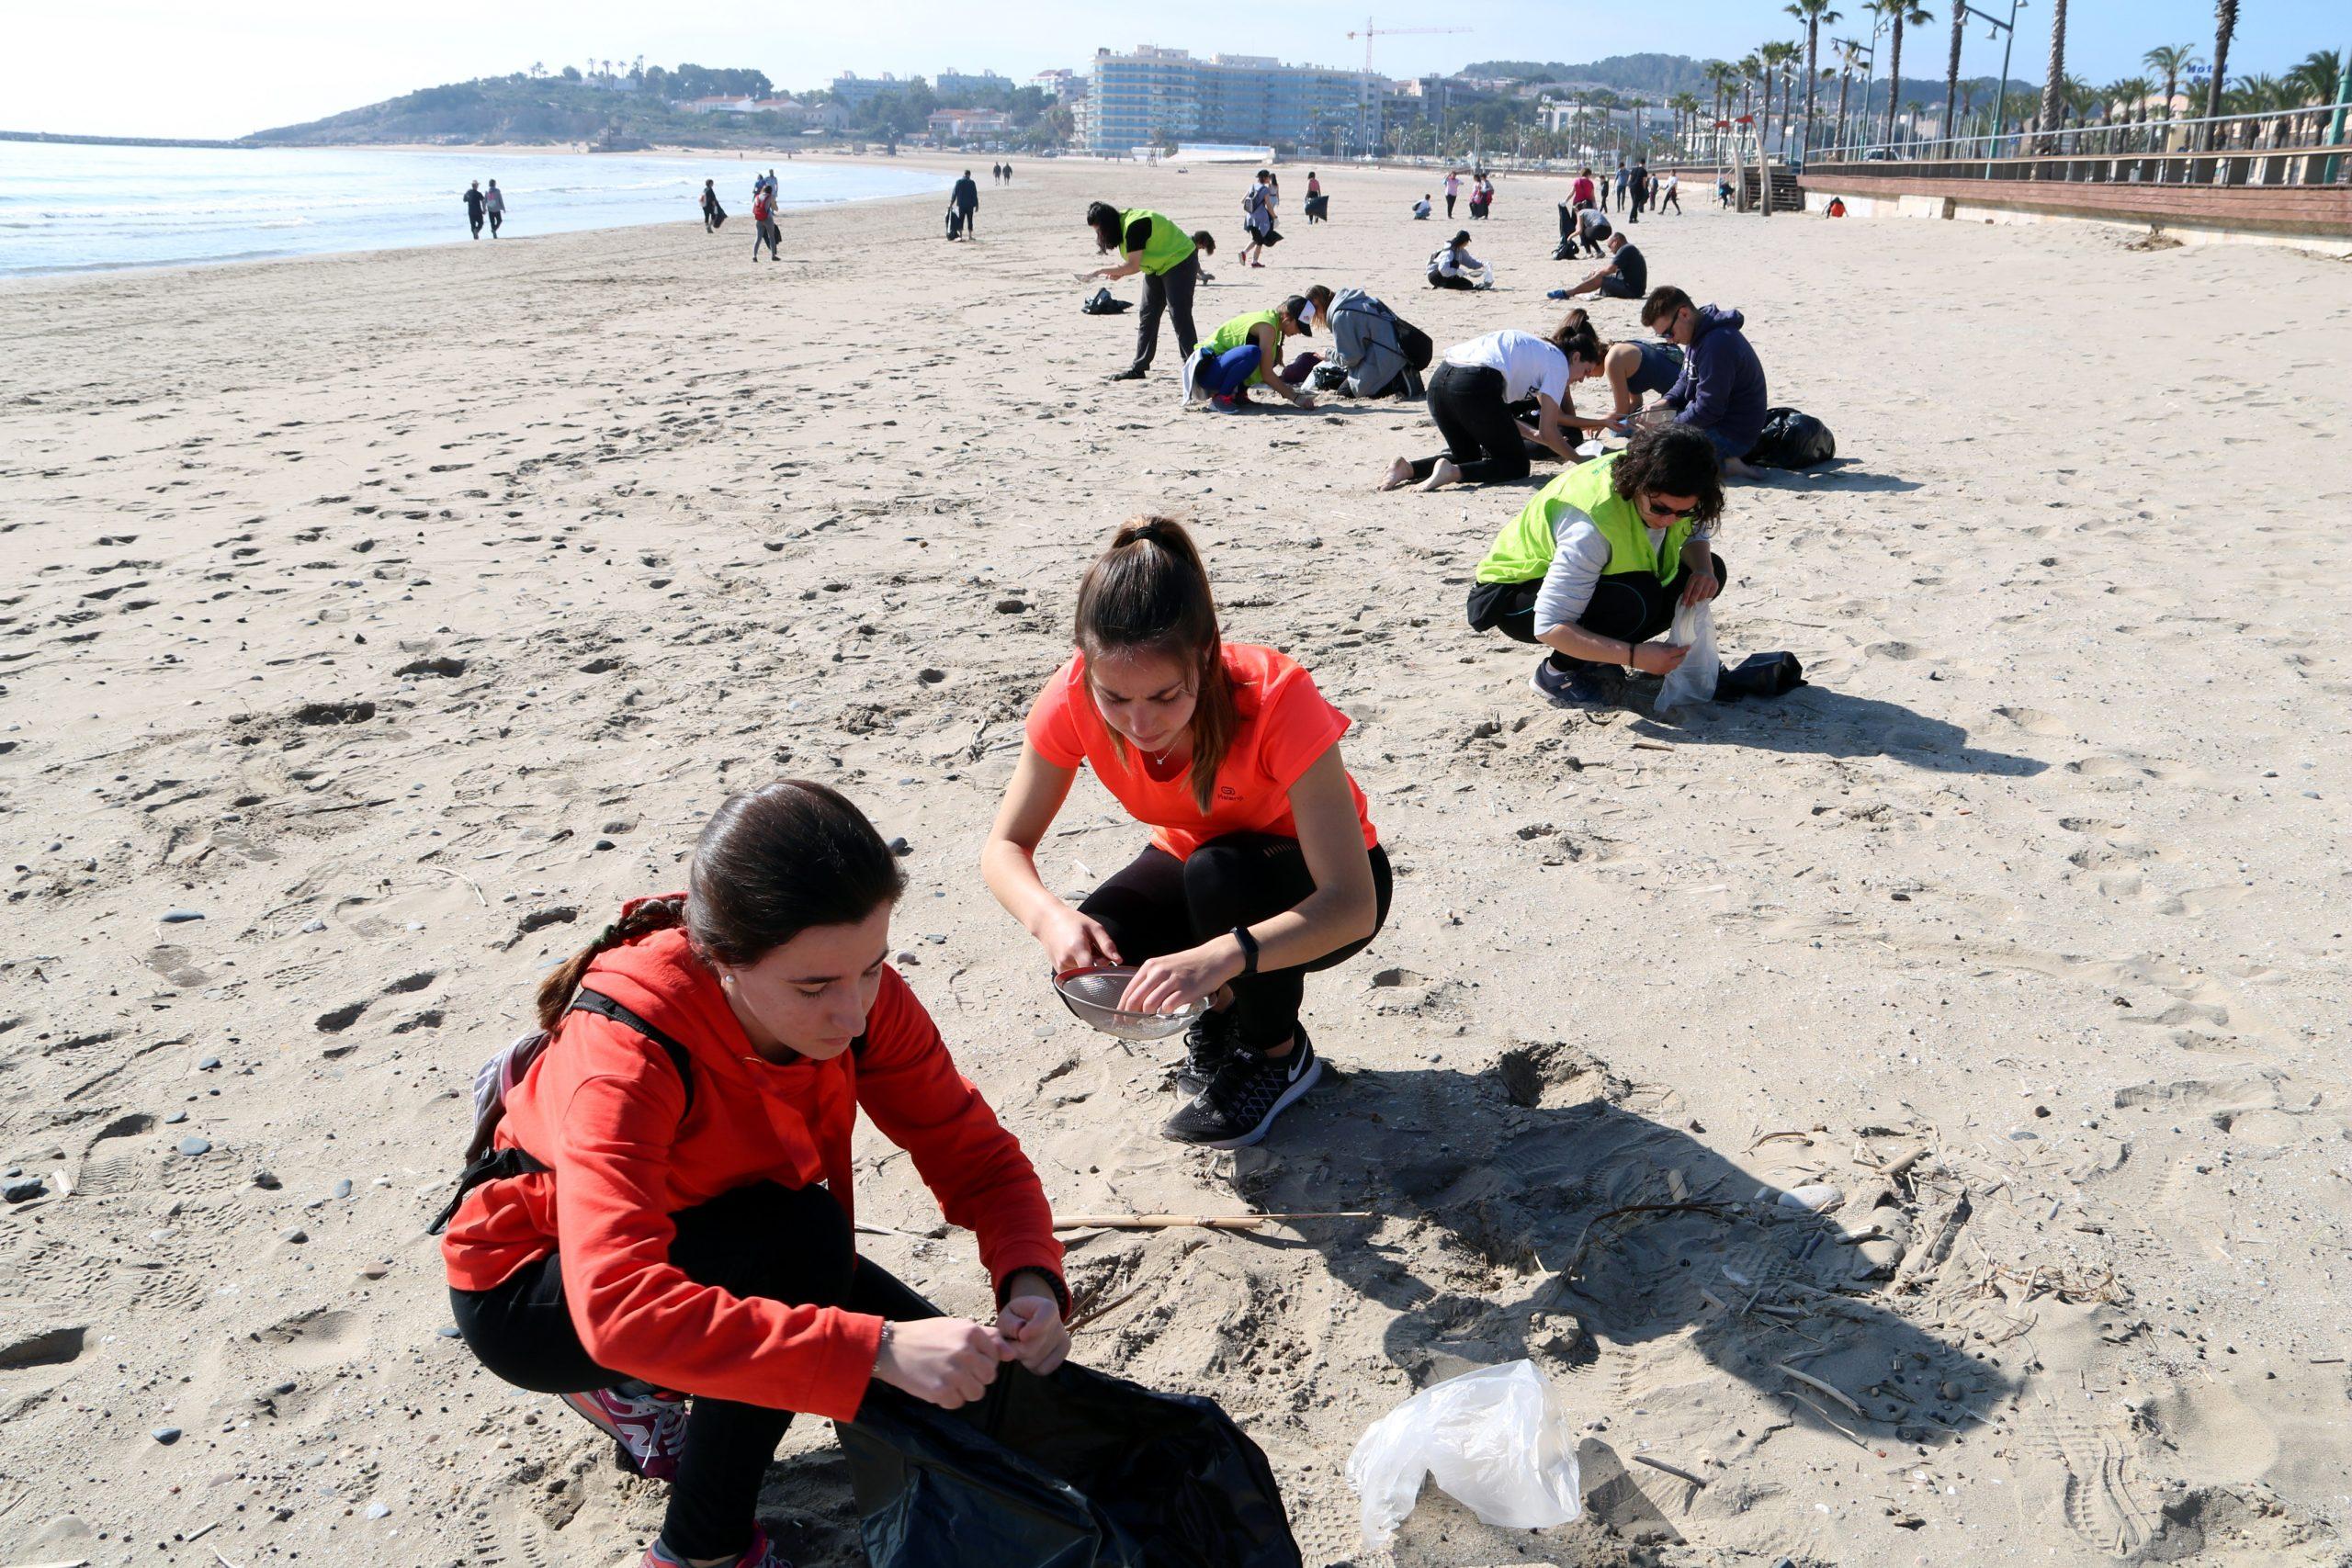 Voluntaris que han participat en la jornada de neteja de la platja de La Pineda